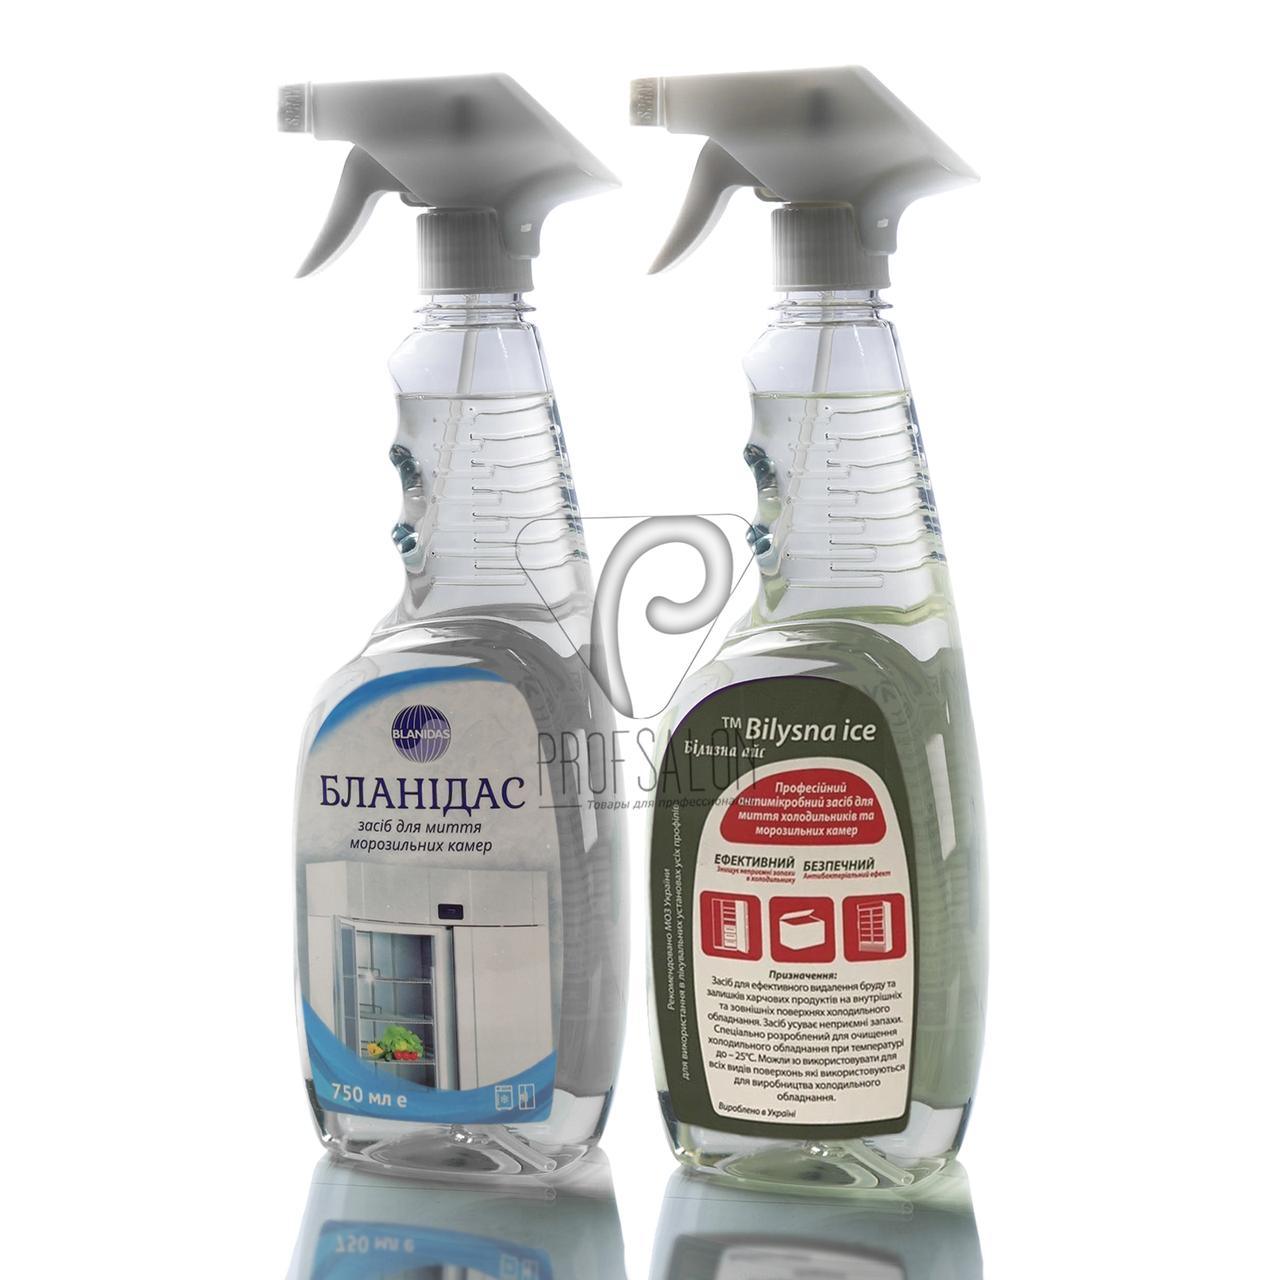 Чистящее средство Бланидас для мытья холодильников и морозильных камер, 750 мл